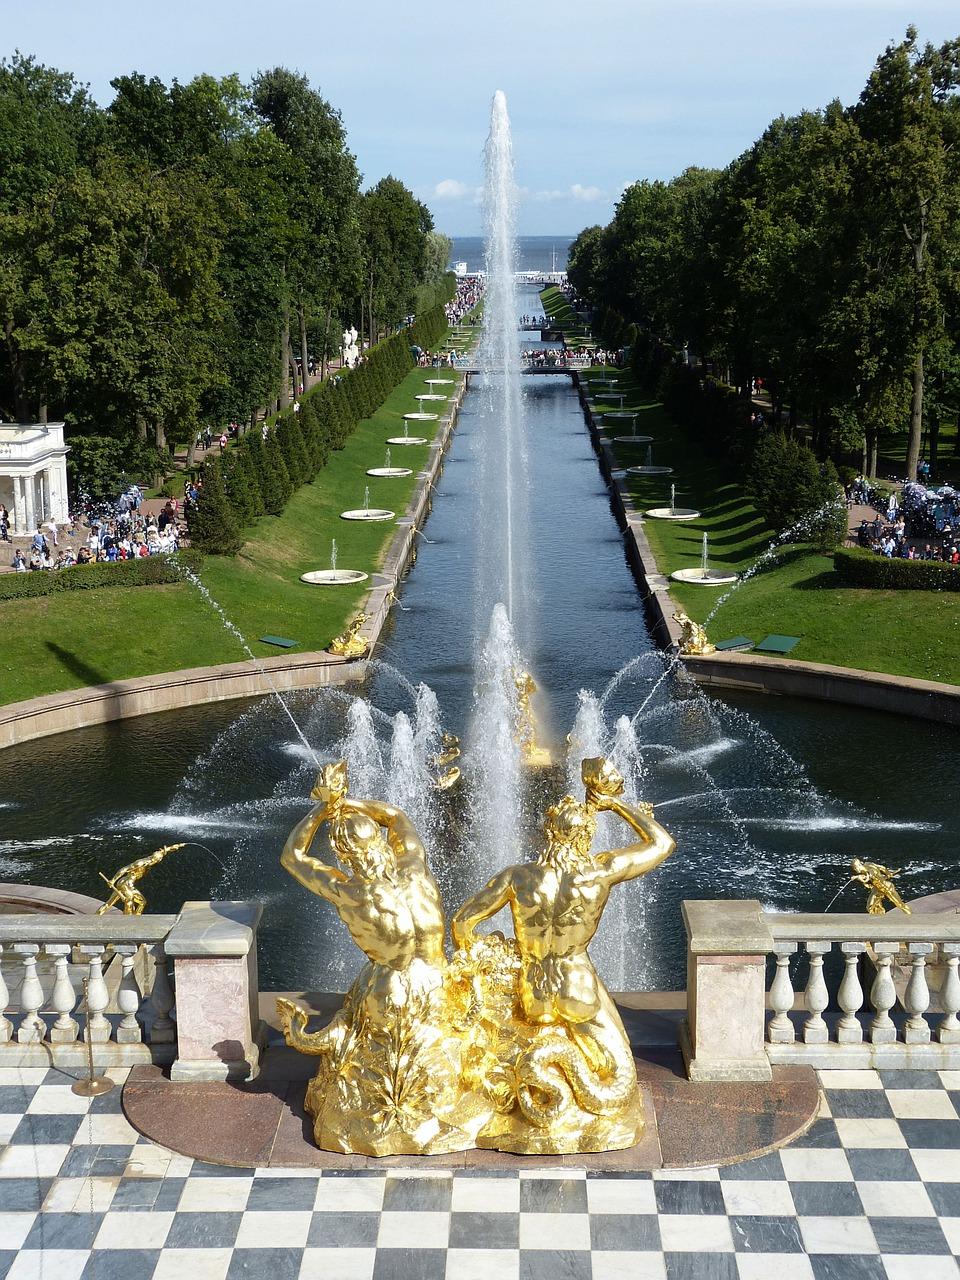 Petershof bei Sankt Petersburg Blick vom Schloss zur Ostsee (Finnischer Meerbusen)